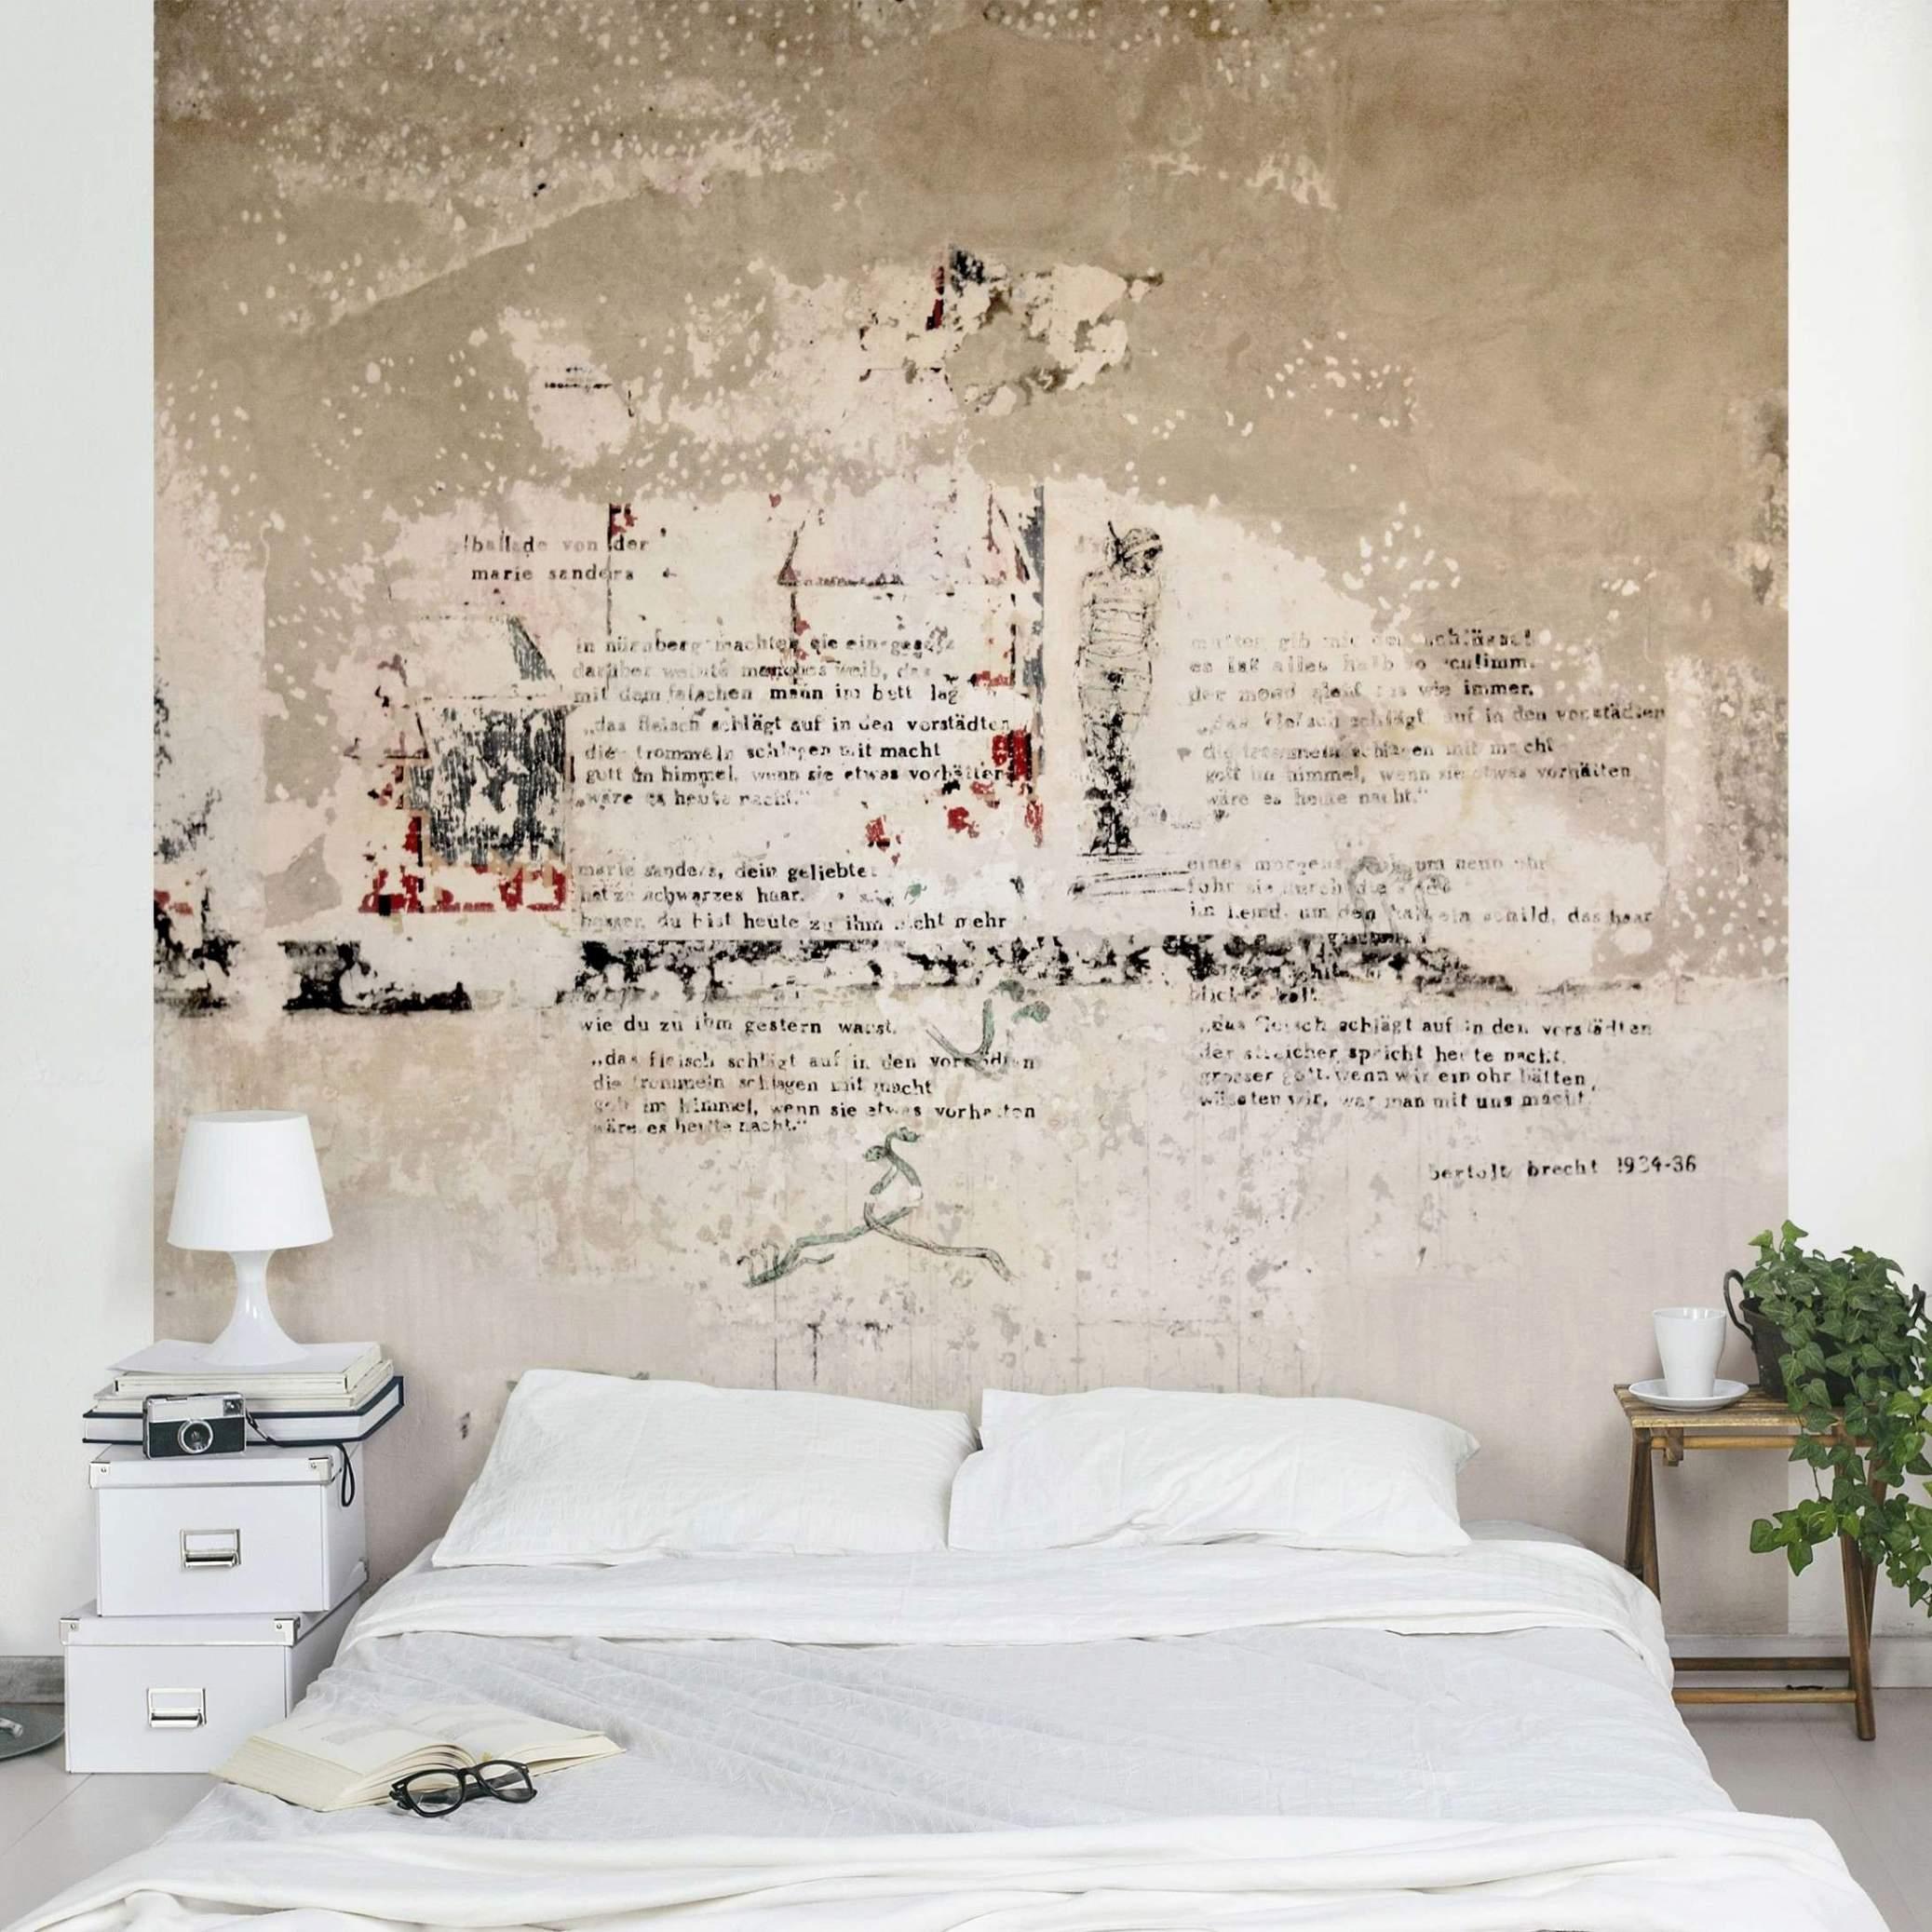 schoner wohnen sofas 42 architektur rolladenkasten innen verschonern rolladenkasten innen verschonern